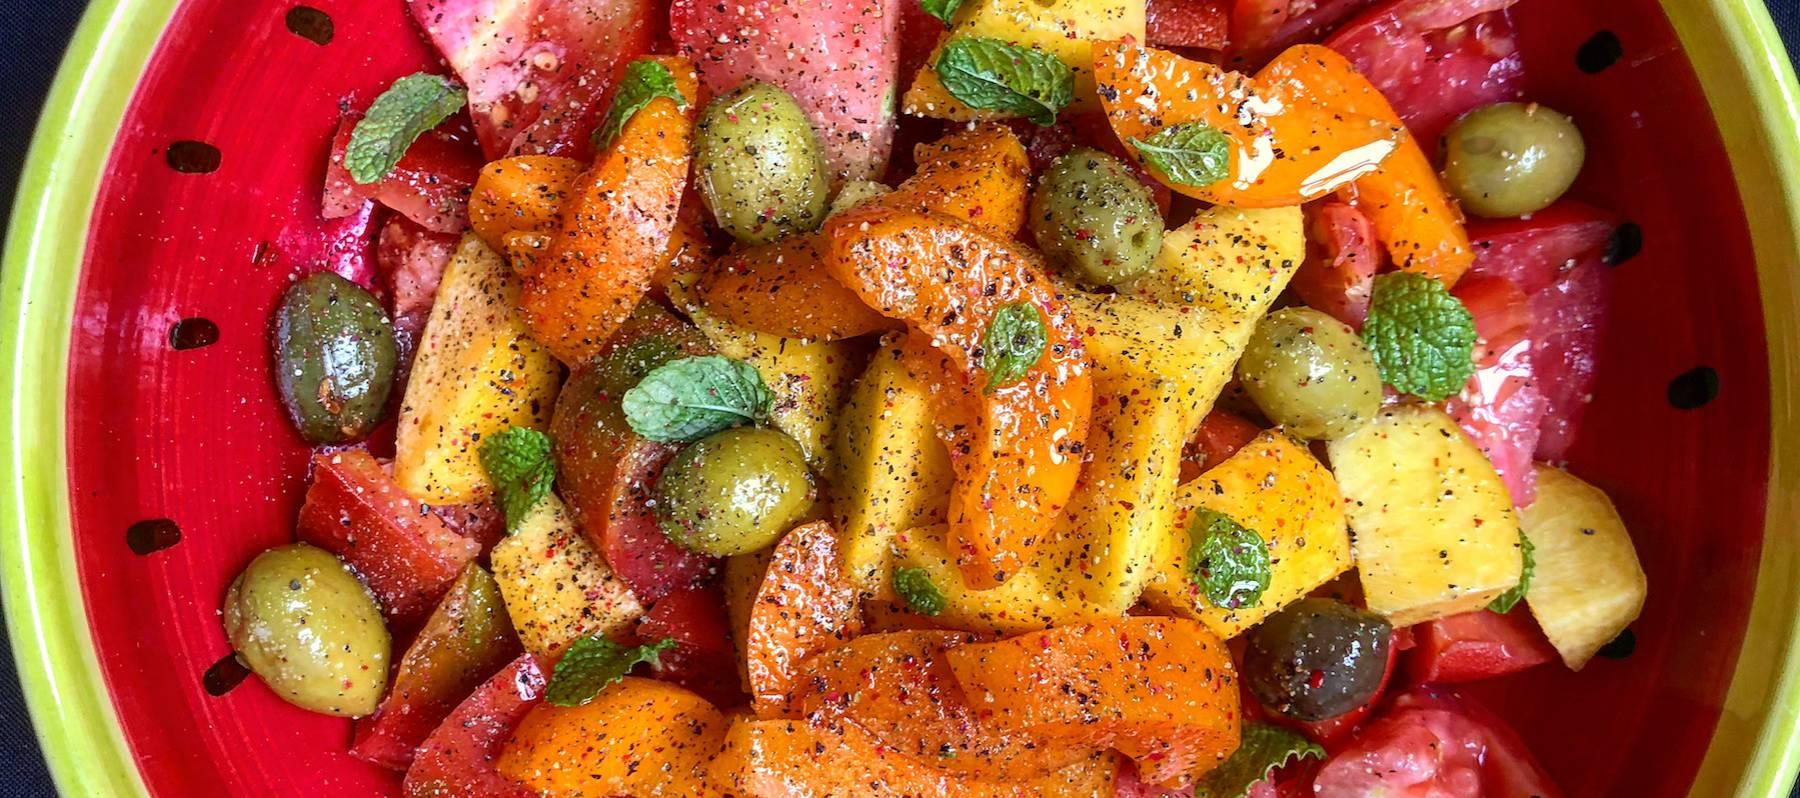 Ensalada de tomate, albaricoque y melocotón